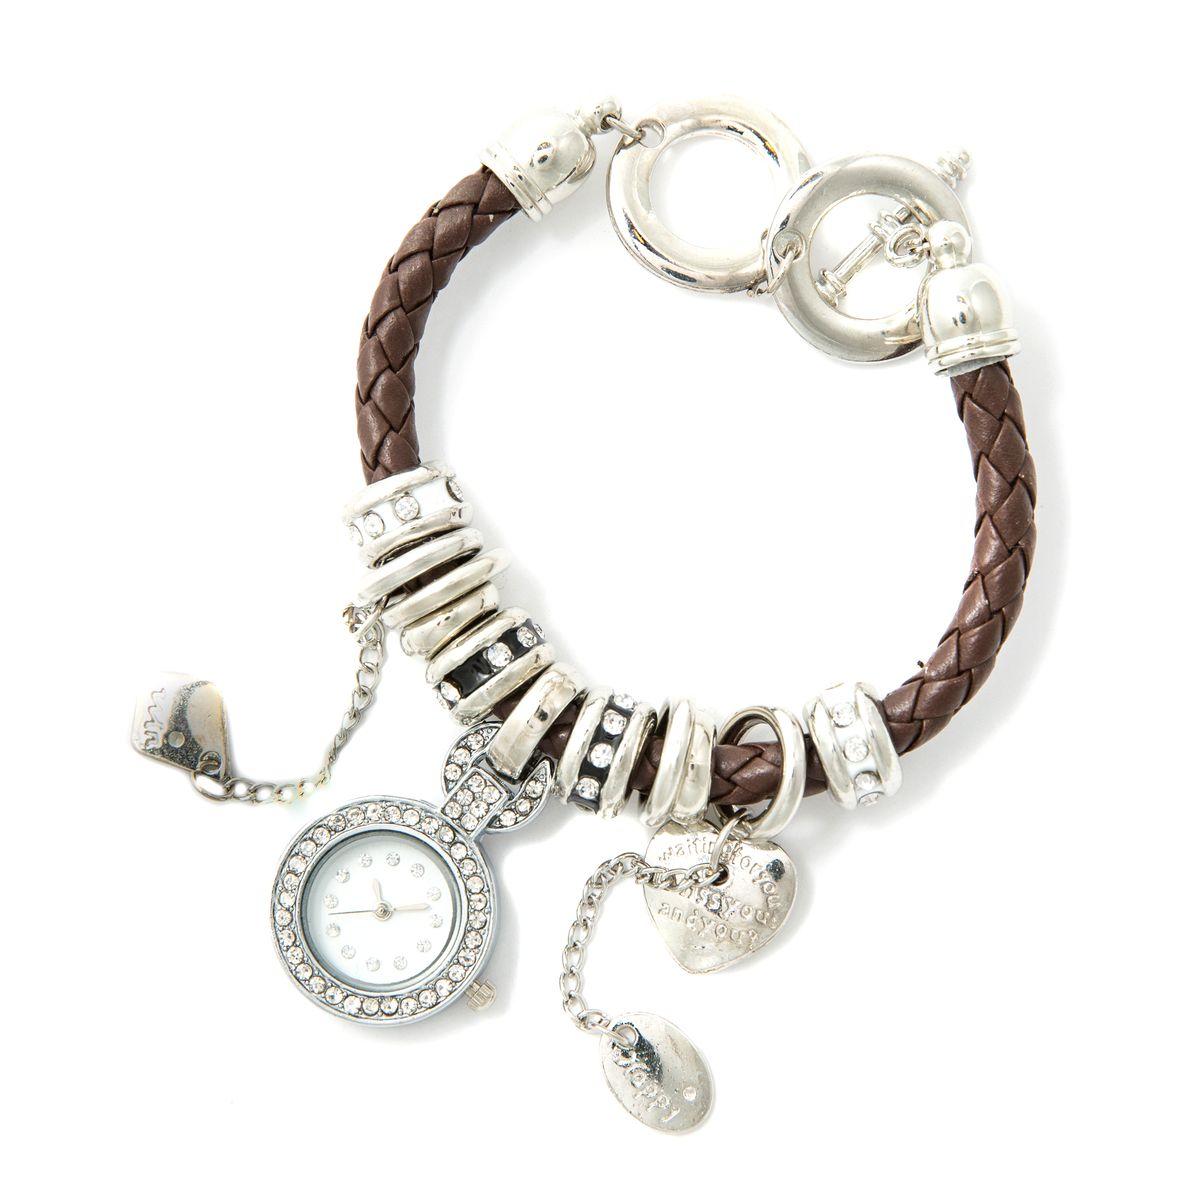 Часы наручные женские Mitya Veselkov. BRASW-BROBRASW-BROНаручные женские часы оснащены кварцевым механизмом. Корпус часов выполнен из нержавеющей стали. Модель оснащена оригинальным ремешком.